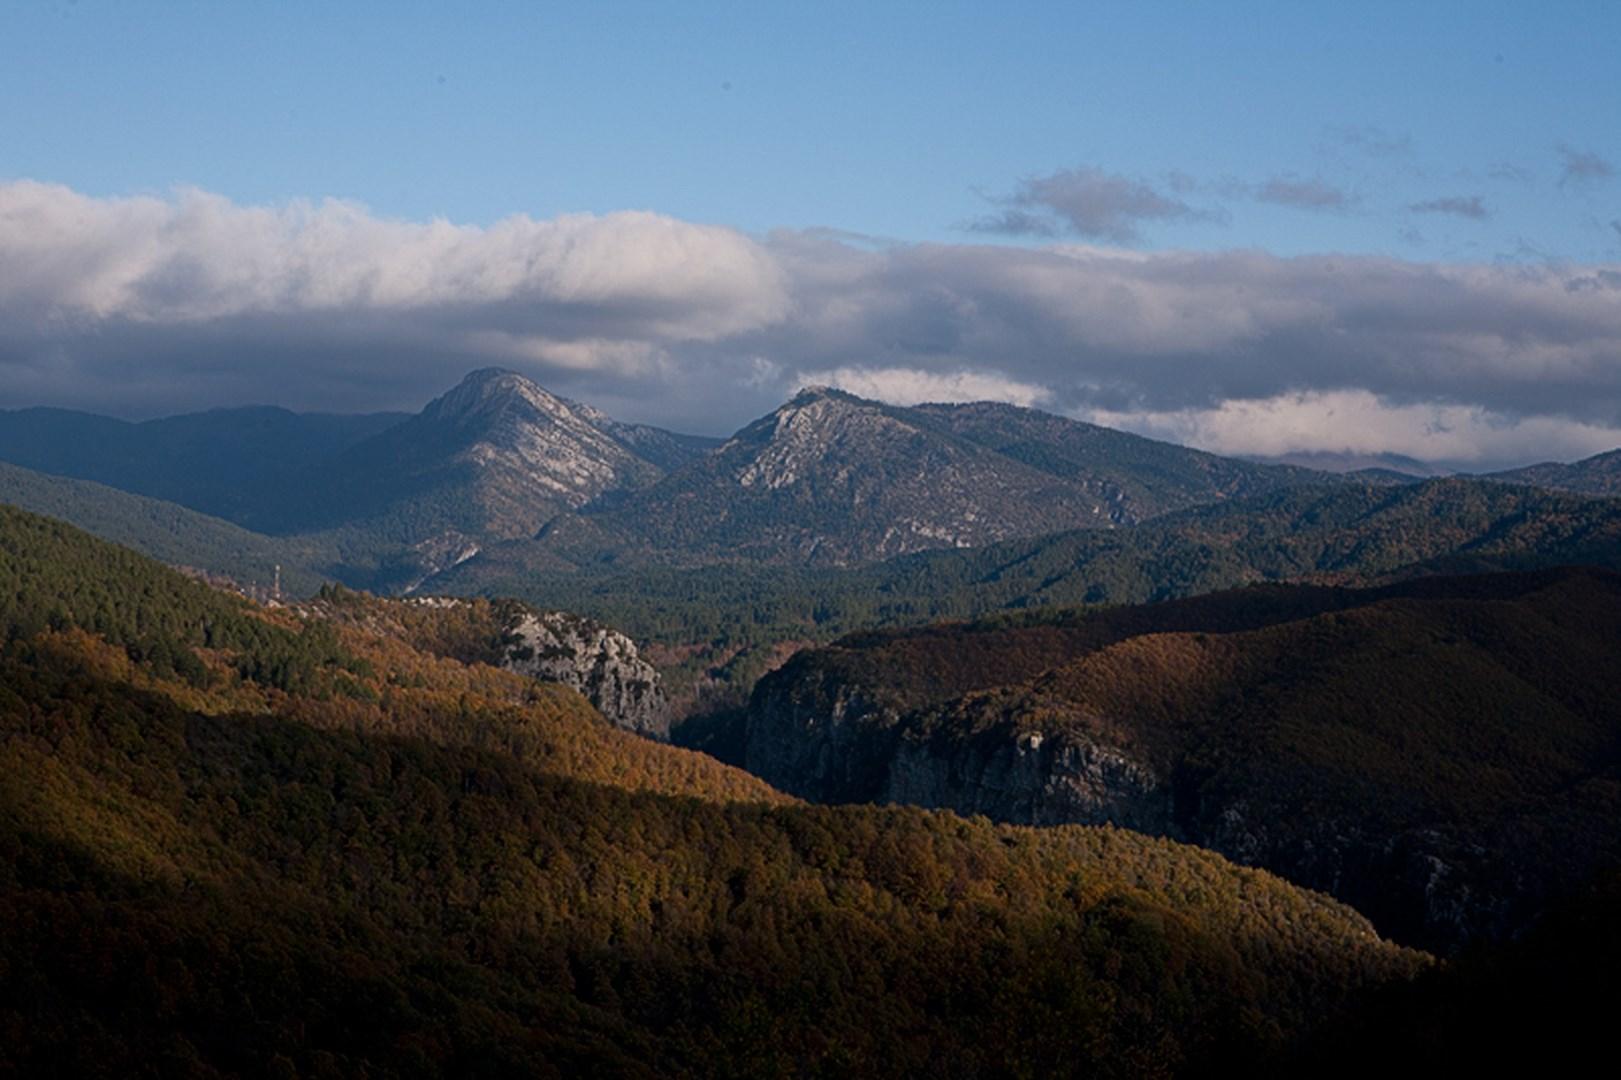 Το φαράγγι Βικάκι και στο βάθος οι κορφυές Κούστα και Κοζιακός Το Τρίτοξο ή Καλογερικό γεφύρι στους Κήπους Πάπιγκο, Μονοδέντρι, Λιθανάγλυφο από Κονιτσιώτες μαστόρους στον ενοριακό ναό Αγίου Βλα΄σιου Παπίγκου Κουκούλι, Η Μονή Παναγίας Σπηλιώτισσας στον Βοϊδομάτη (Αρίστη) Εικόνισμα στην είσοδο του φαραγγιού του Βίκου από το χωριό Βίκος Δίλοφο, Αυλόπορτα αρχοντικού στη Βίτσα Αρχοντικό στο Τσεπέλοβο Αγιος Αθανάσιος Μονοδεντρίου - ΧΑΡΗΤΑΚΗΣ ΠΑΠΑΙΩΑΝΝΟΥ/ HARITAKIS PAPAIOANNOU